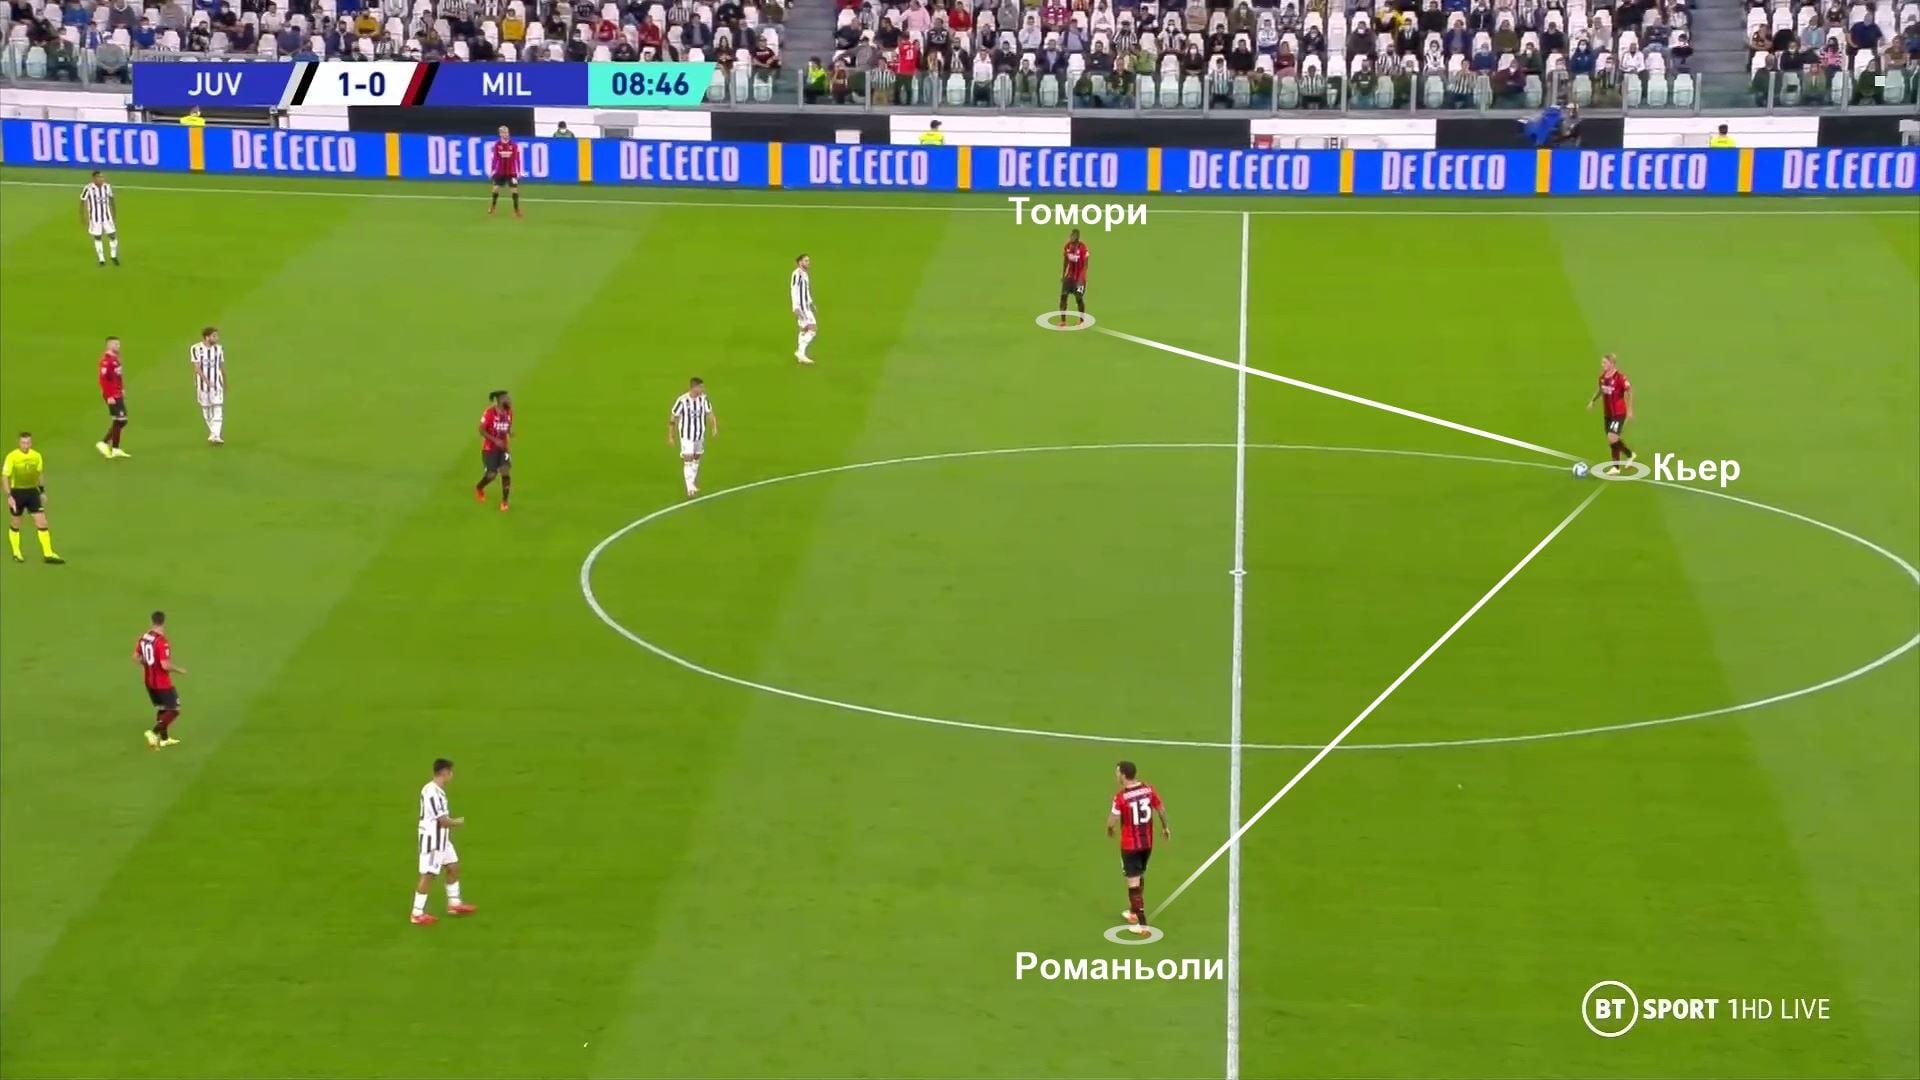 «Ювентус» уже похож на команду Аллегри без мяча, но совсем не владеет другими режимами. «Милан» все-таки наказал за это